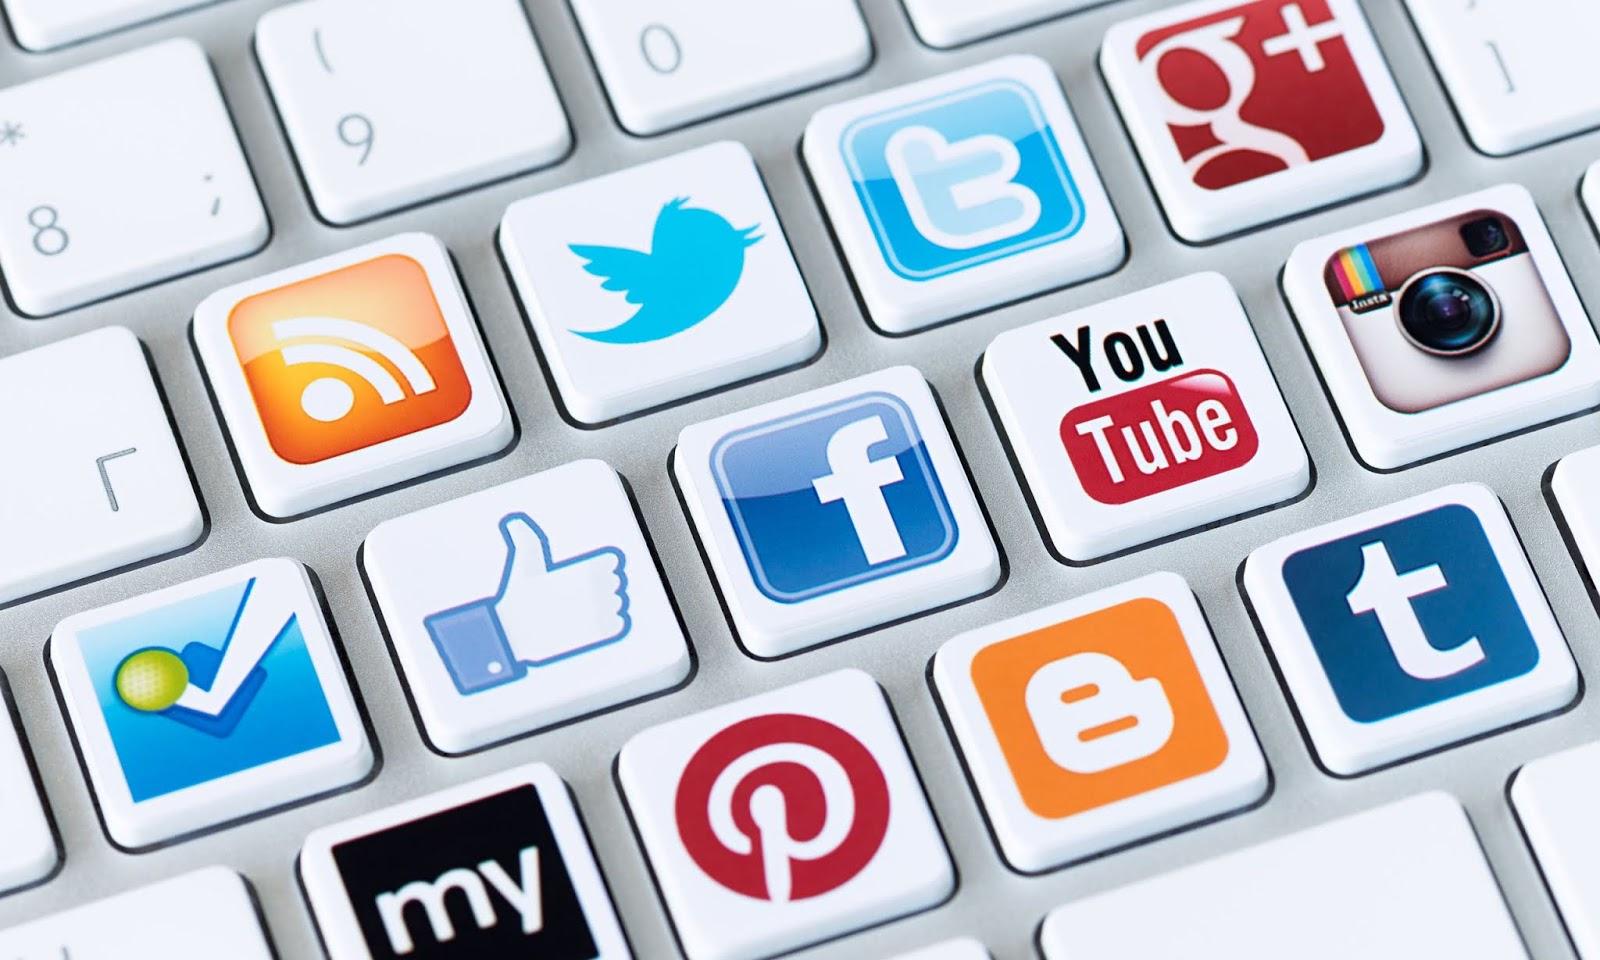 نظرة عامة على أهم منصات التواصل الاجتماعي